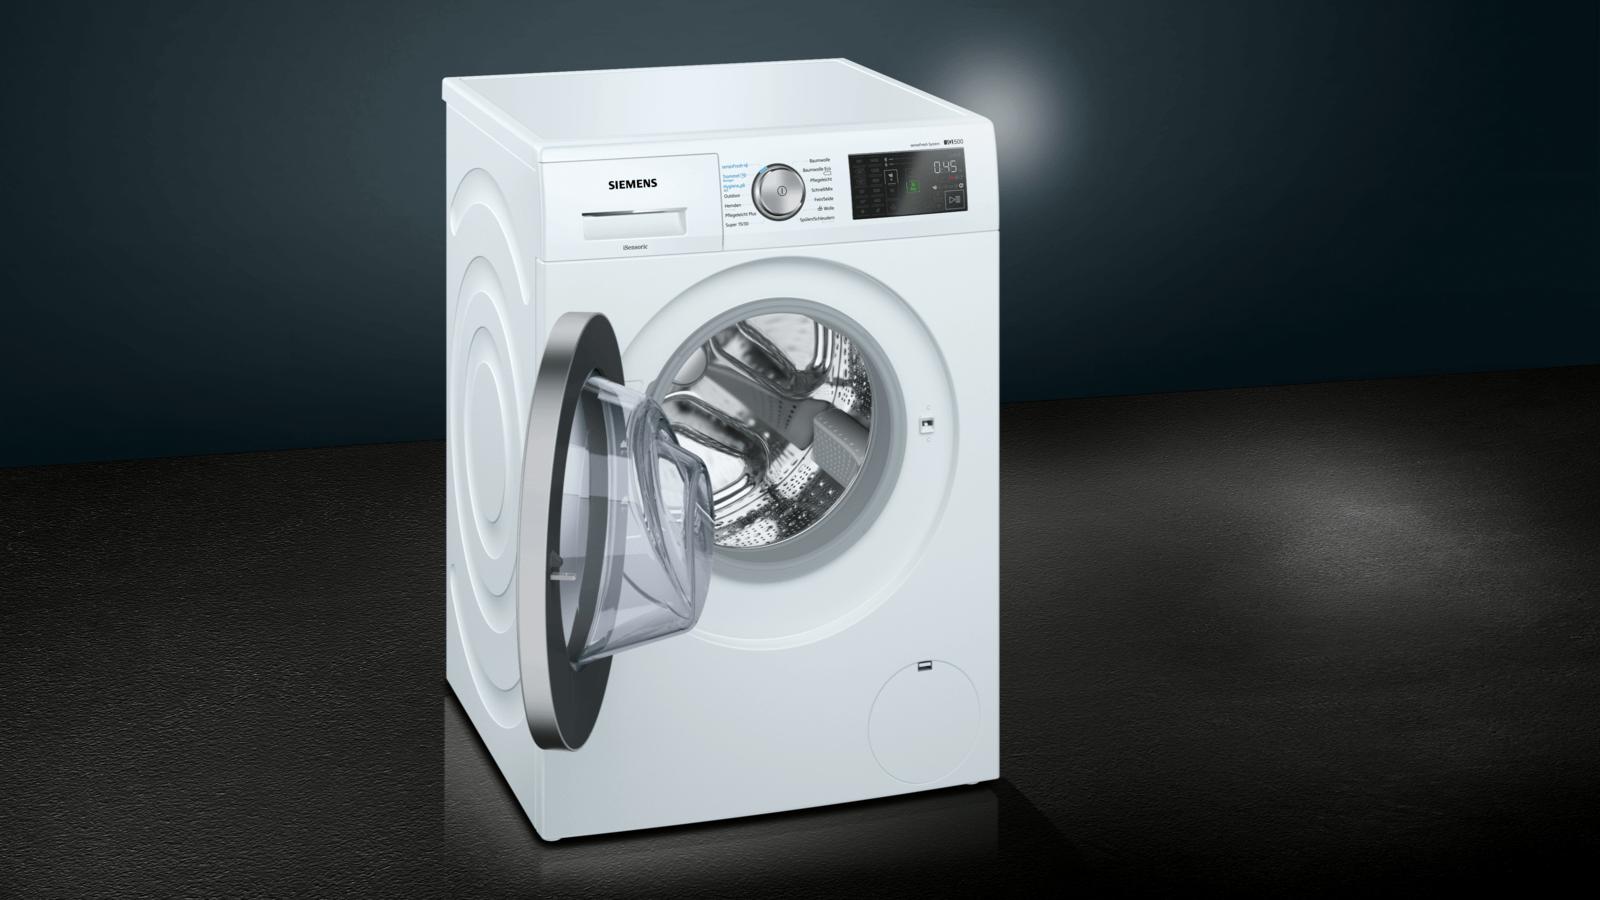 Nachlegefunktion 1.400 U//min sensoFresh Programm Hygiene Programm A+++ 137 kWh Siemens iQ500 WM14T7A1 Waschmaschine 8,00 kg Trommel reinigen-Programm